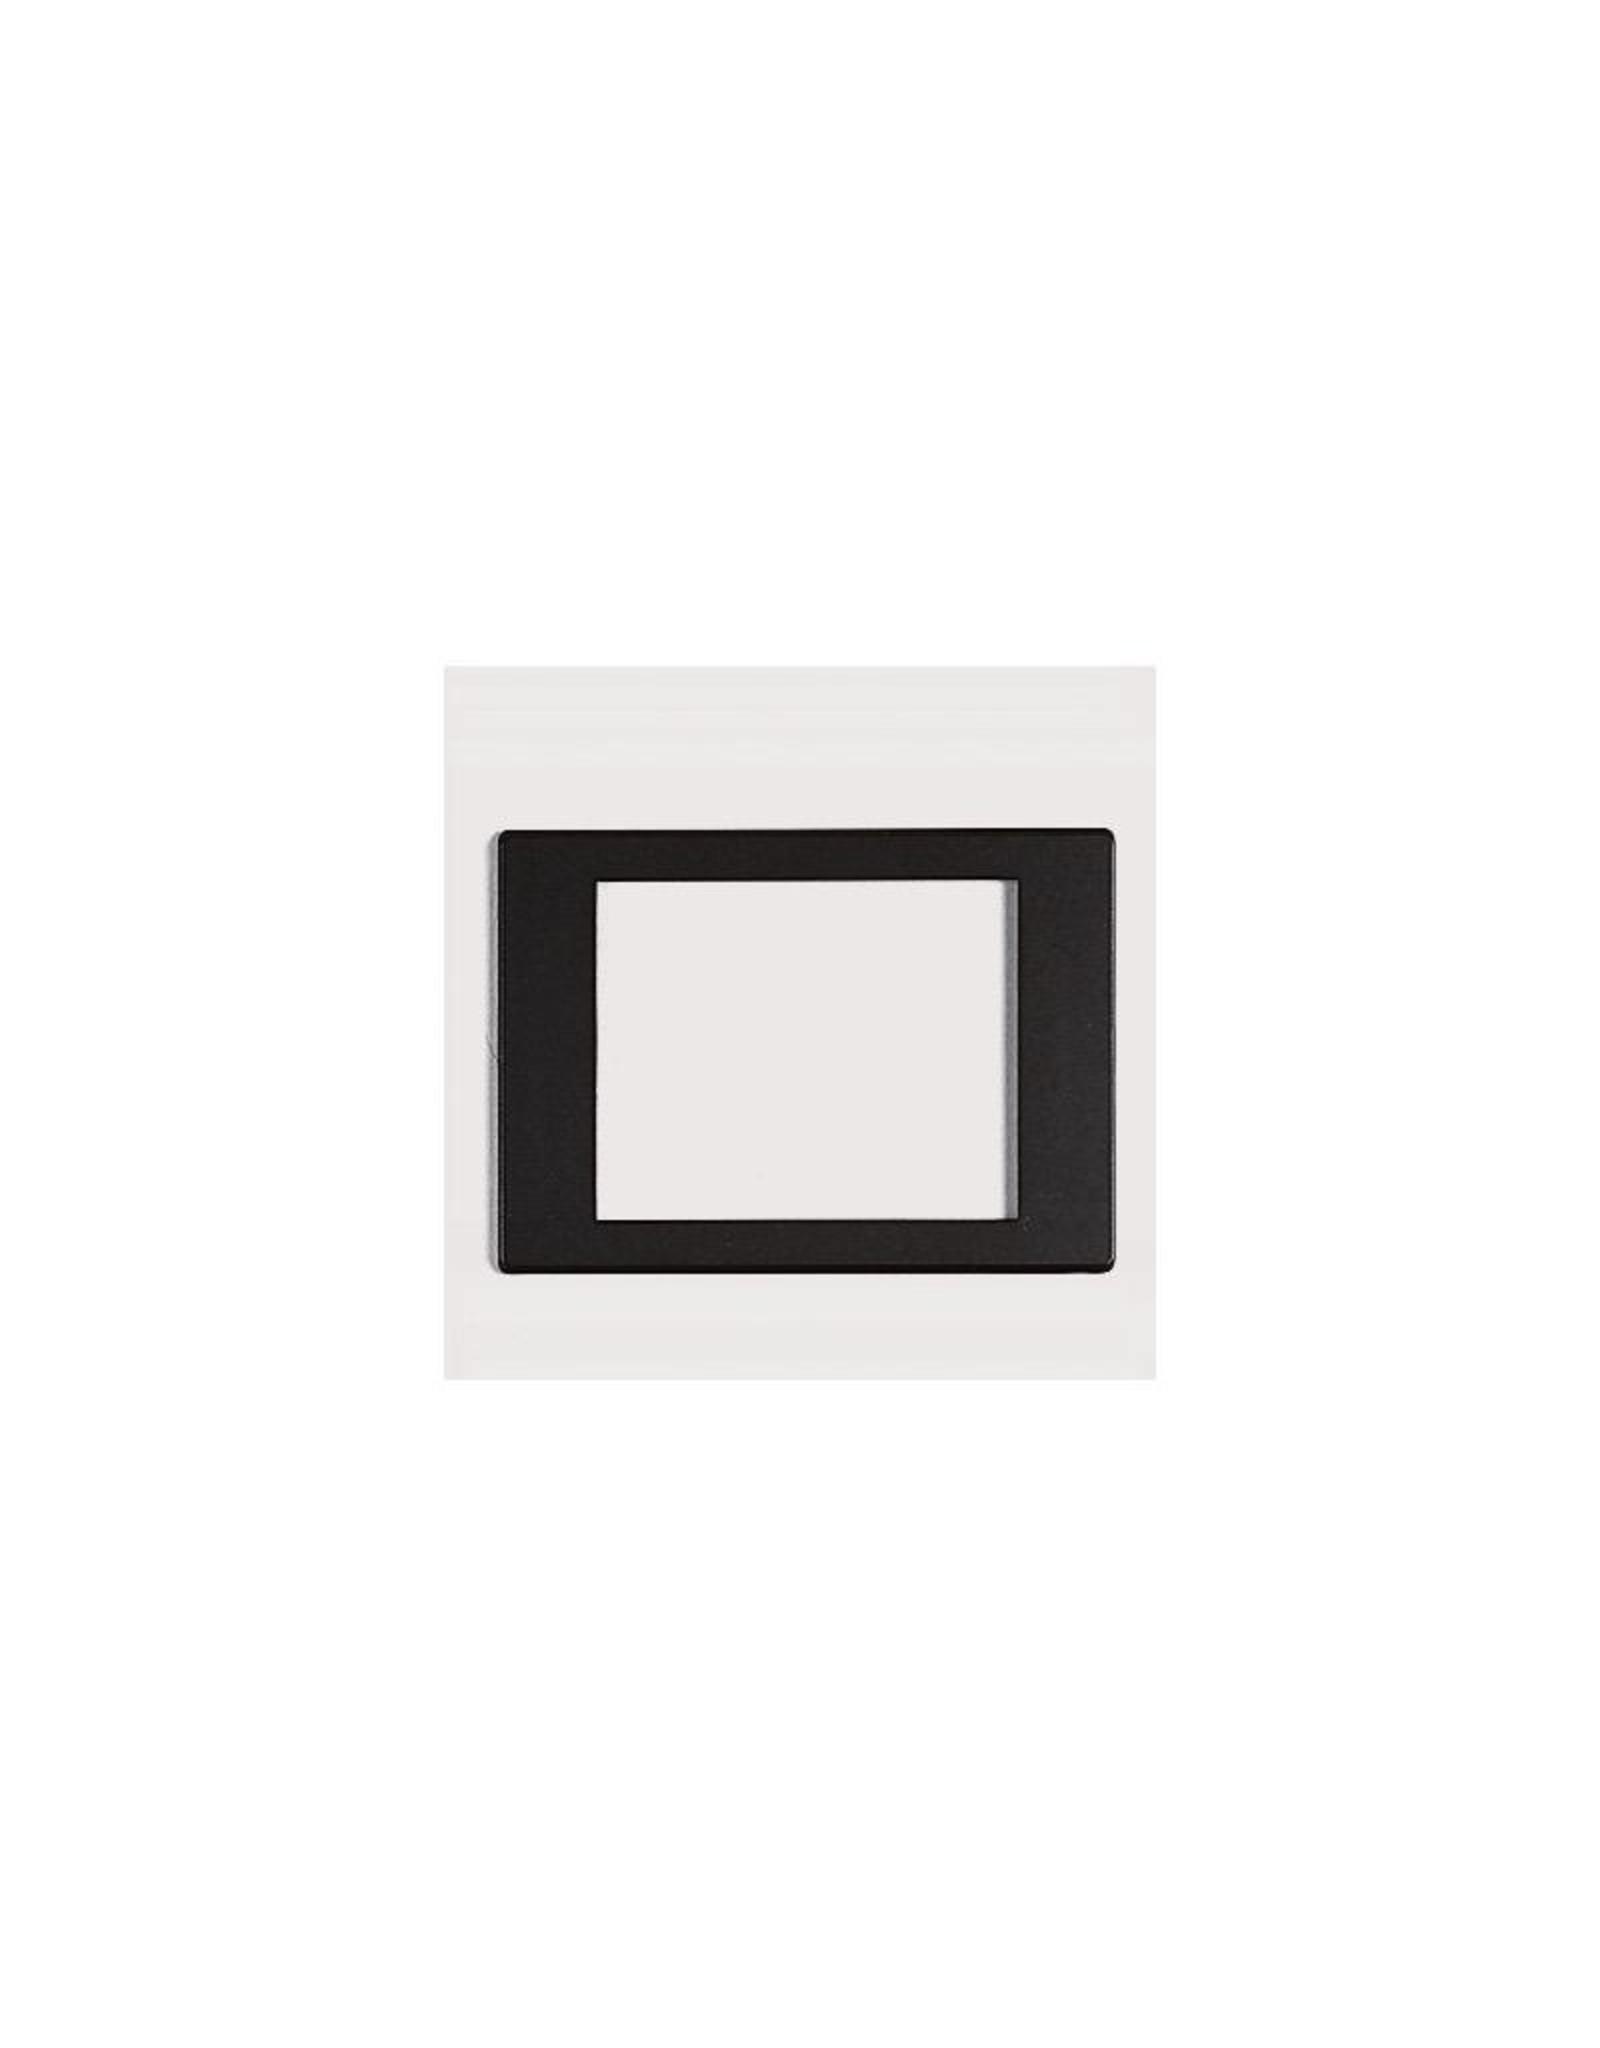 """Kaiser Kaiser Pair of Negative Mask, 6 x 7 cm (2.4 x 2.8""""), SYSTEM-V"""